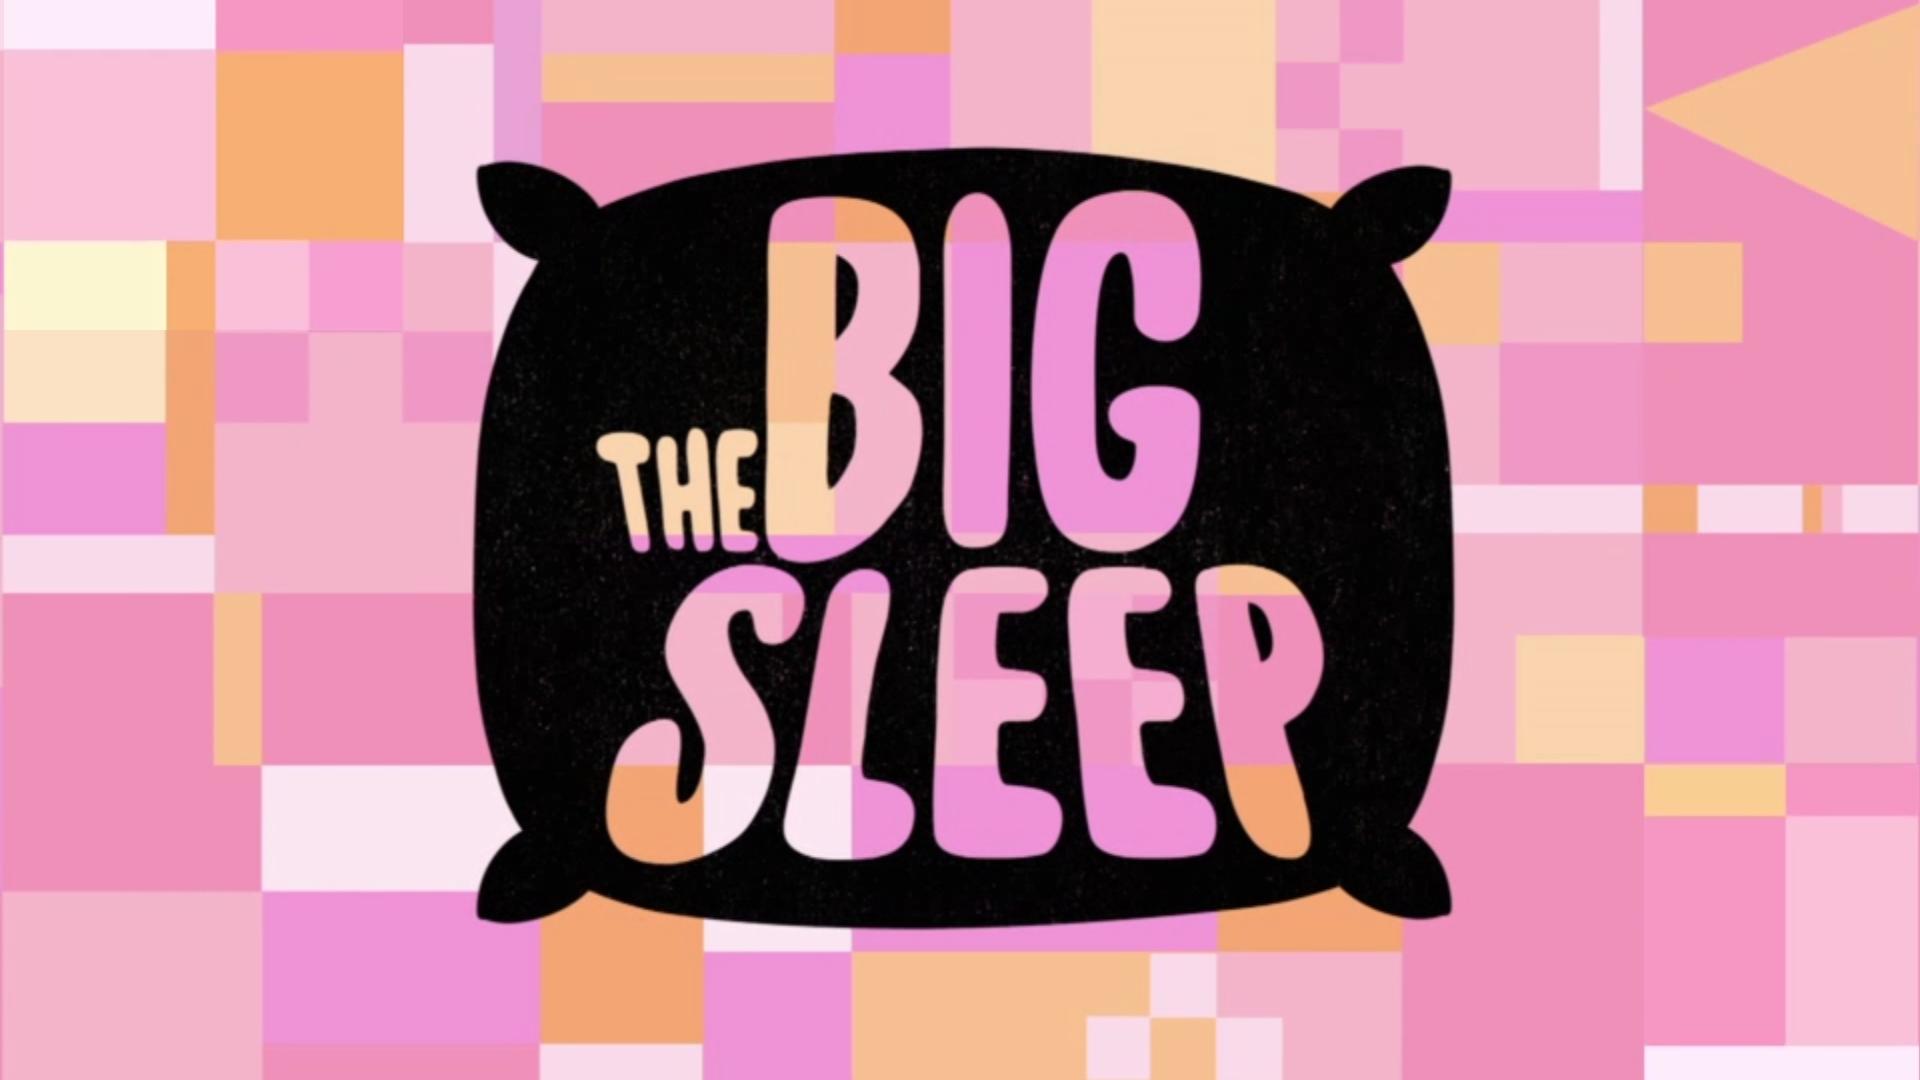 the big sleep powerpuff girls wiki fandom powered by wikia